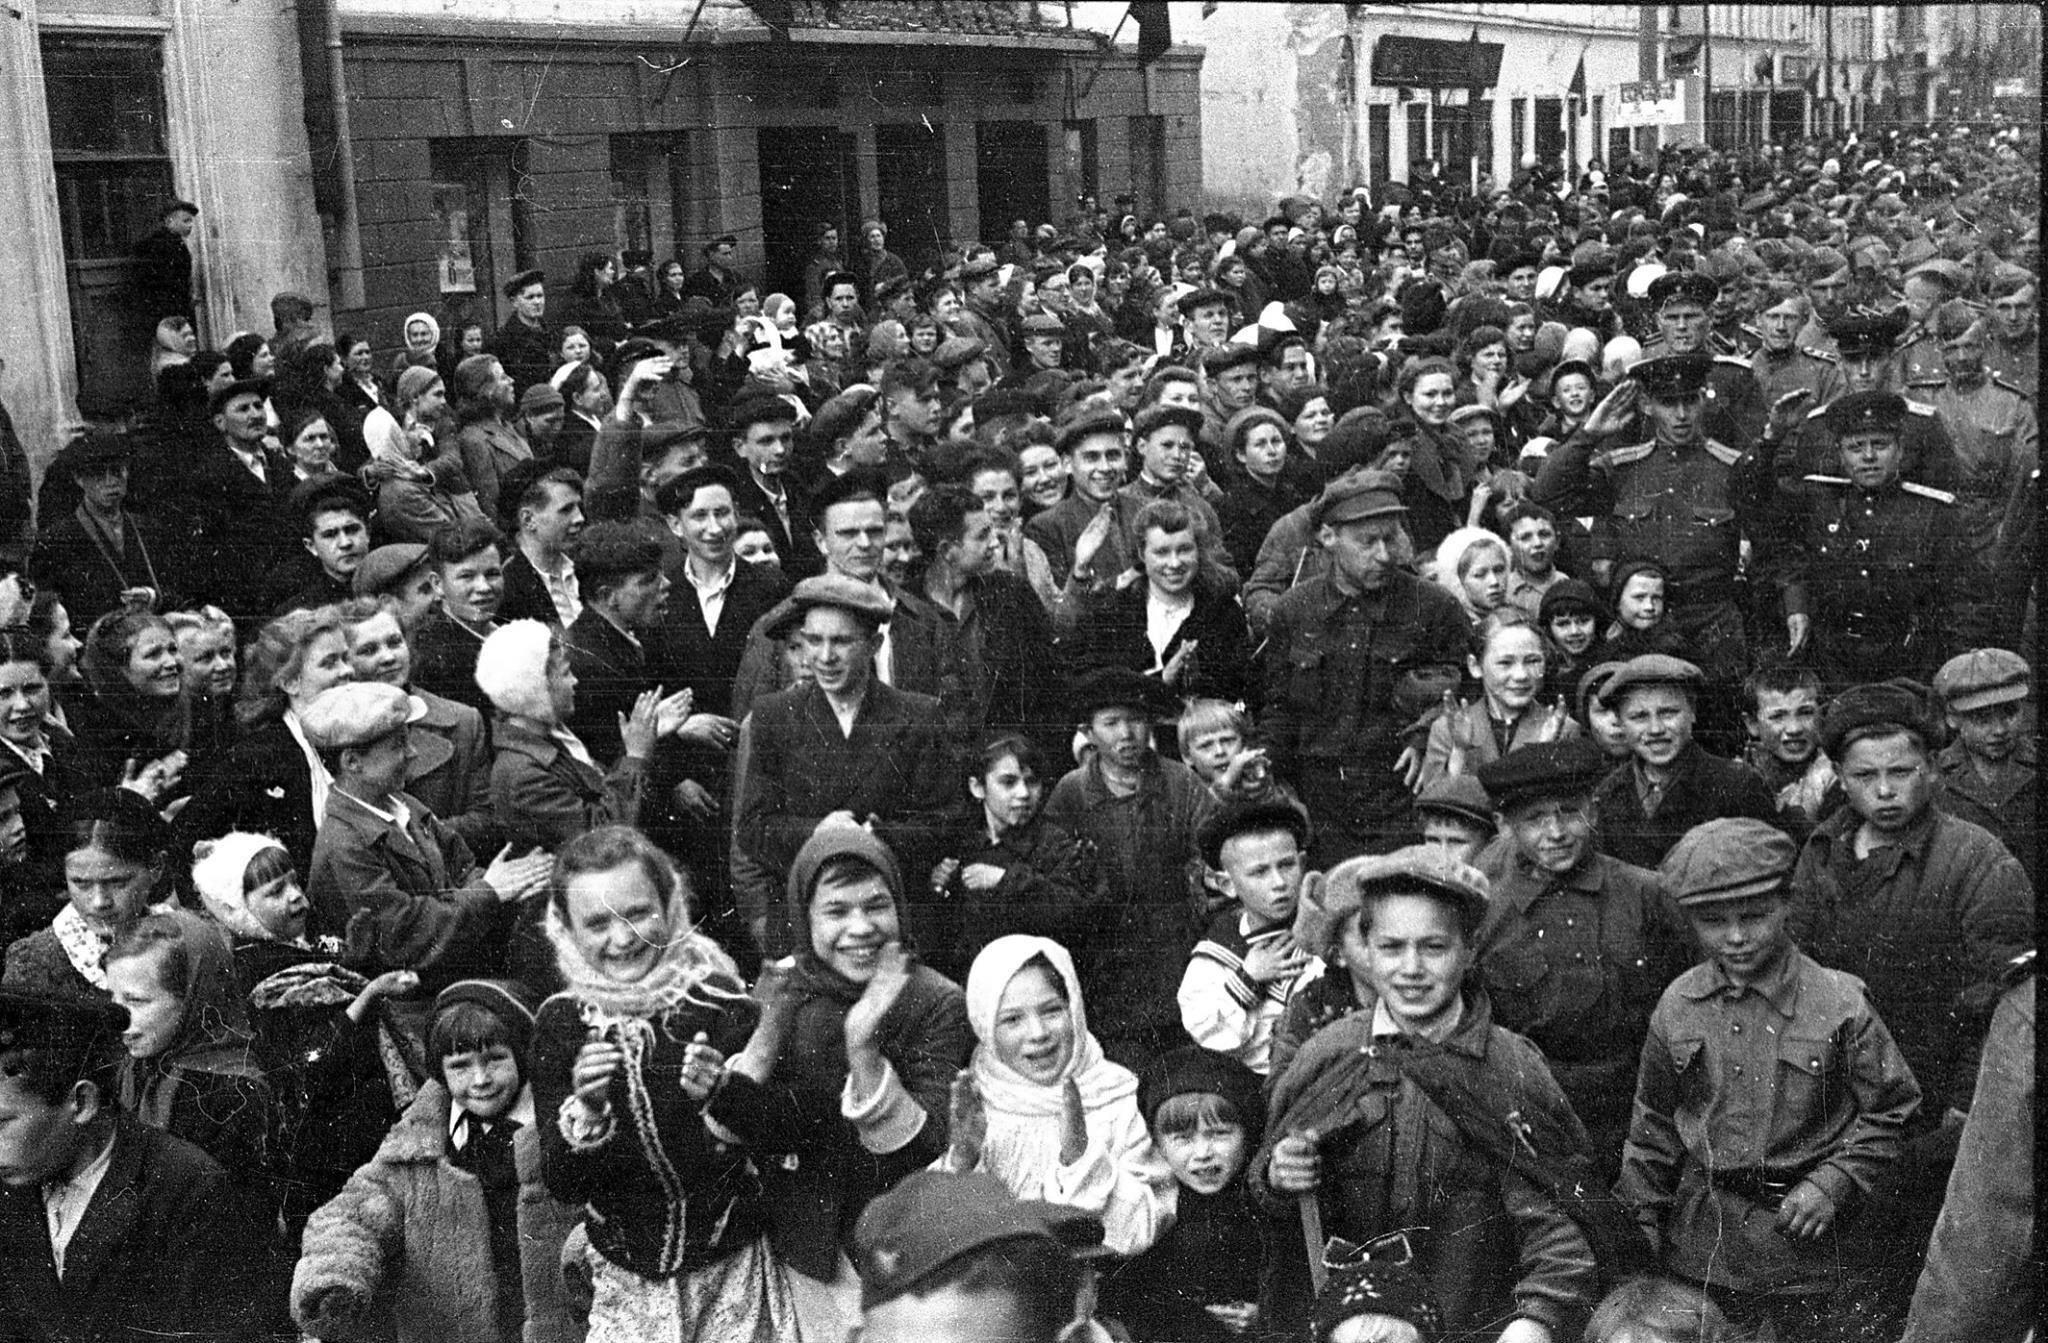 Улица Баумана 9 мая 1945 года